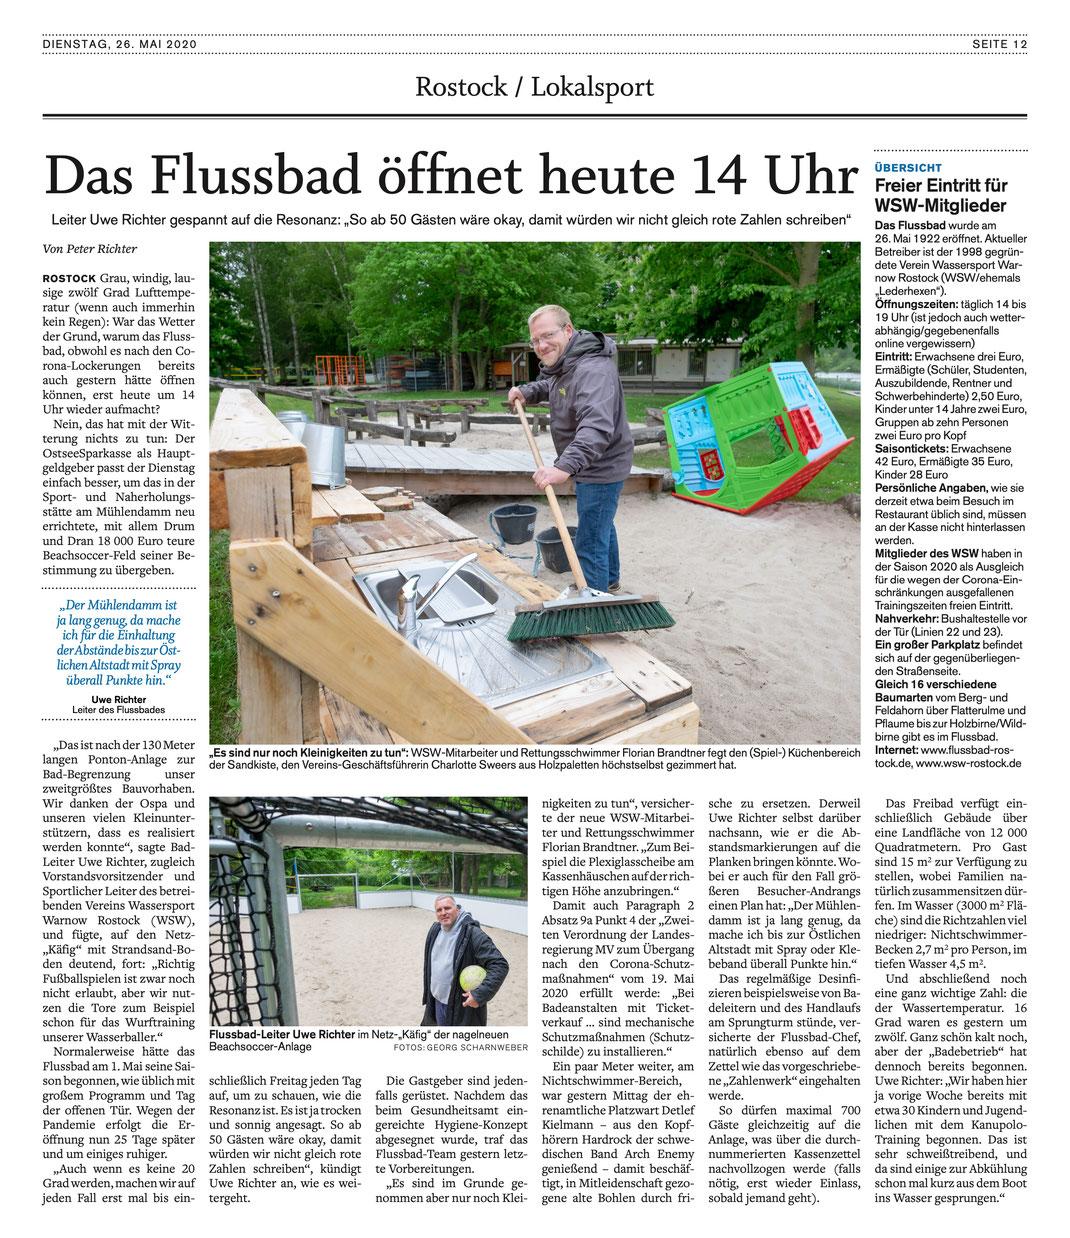 Artikel zur Eröffnung der diesjährigen Flussbad-Saison aus der NNN vom 26. Mai 2020